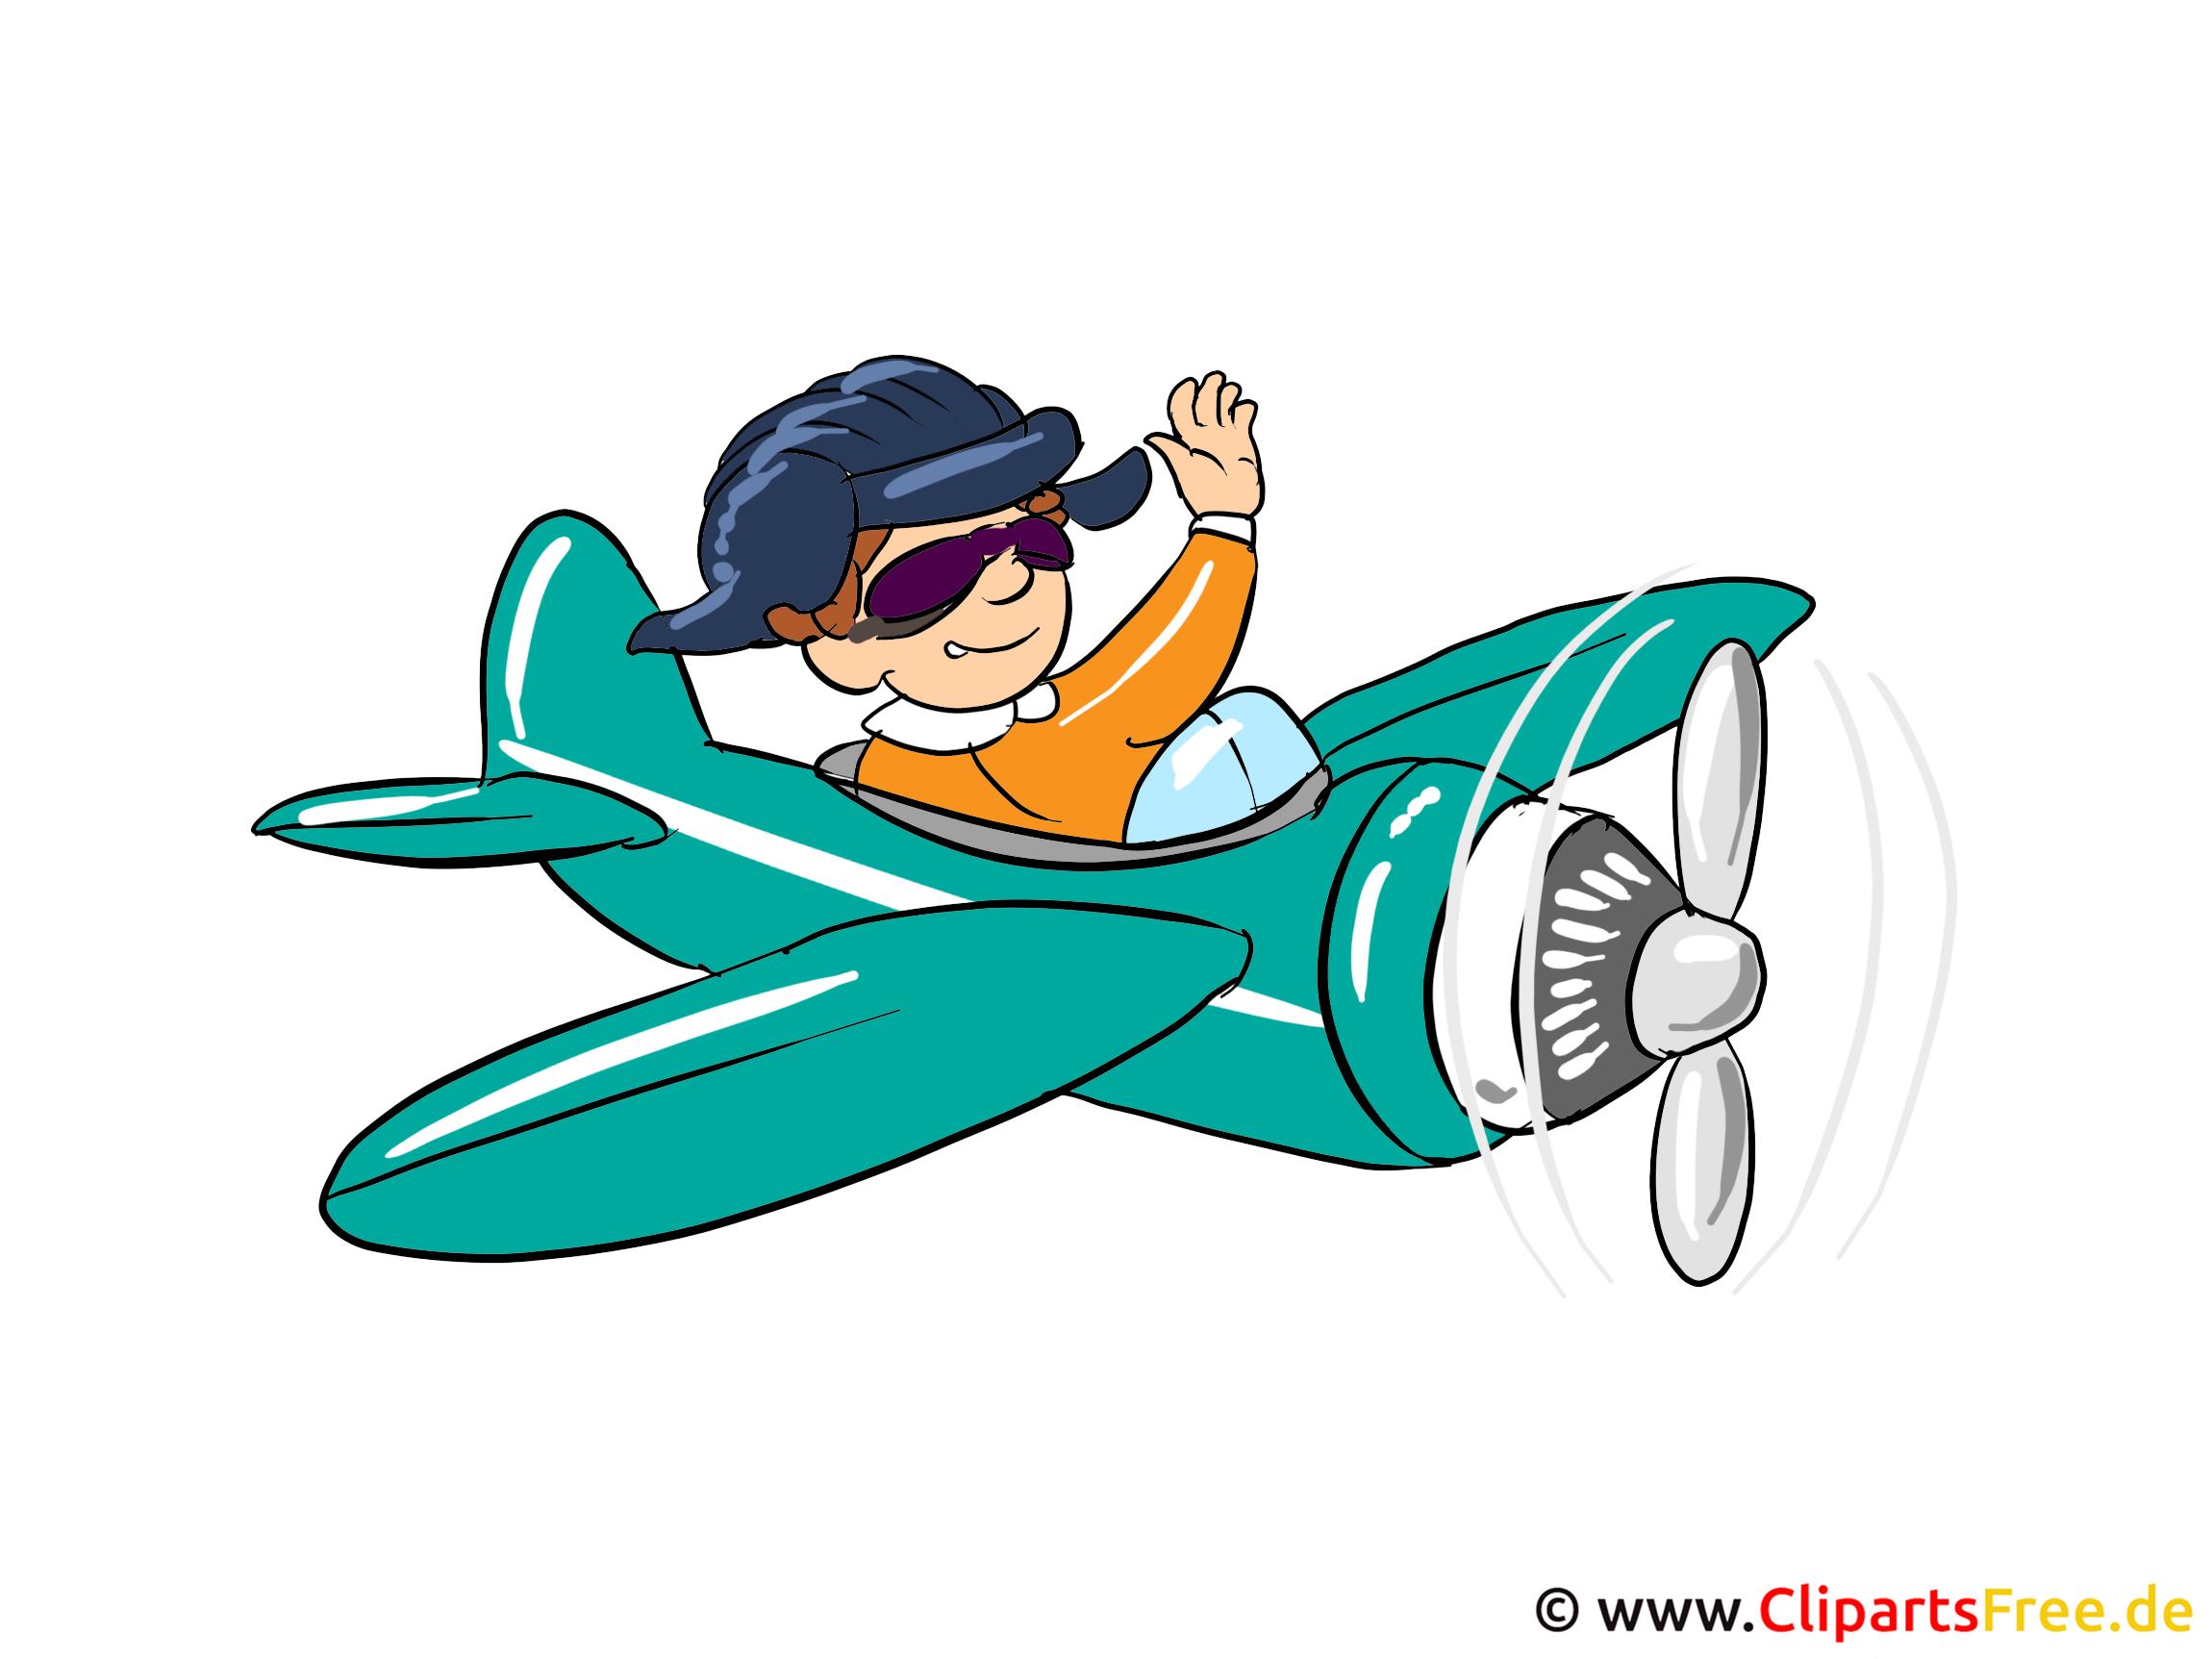 Bilder von Berufen - Pilot Clipart-Bild